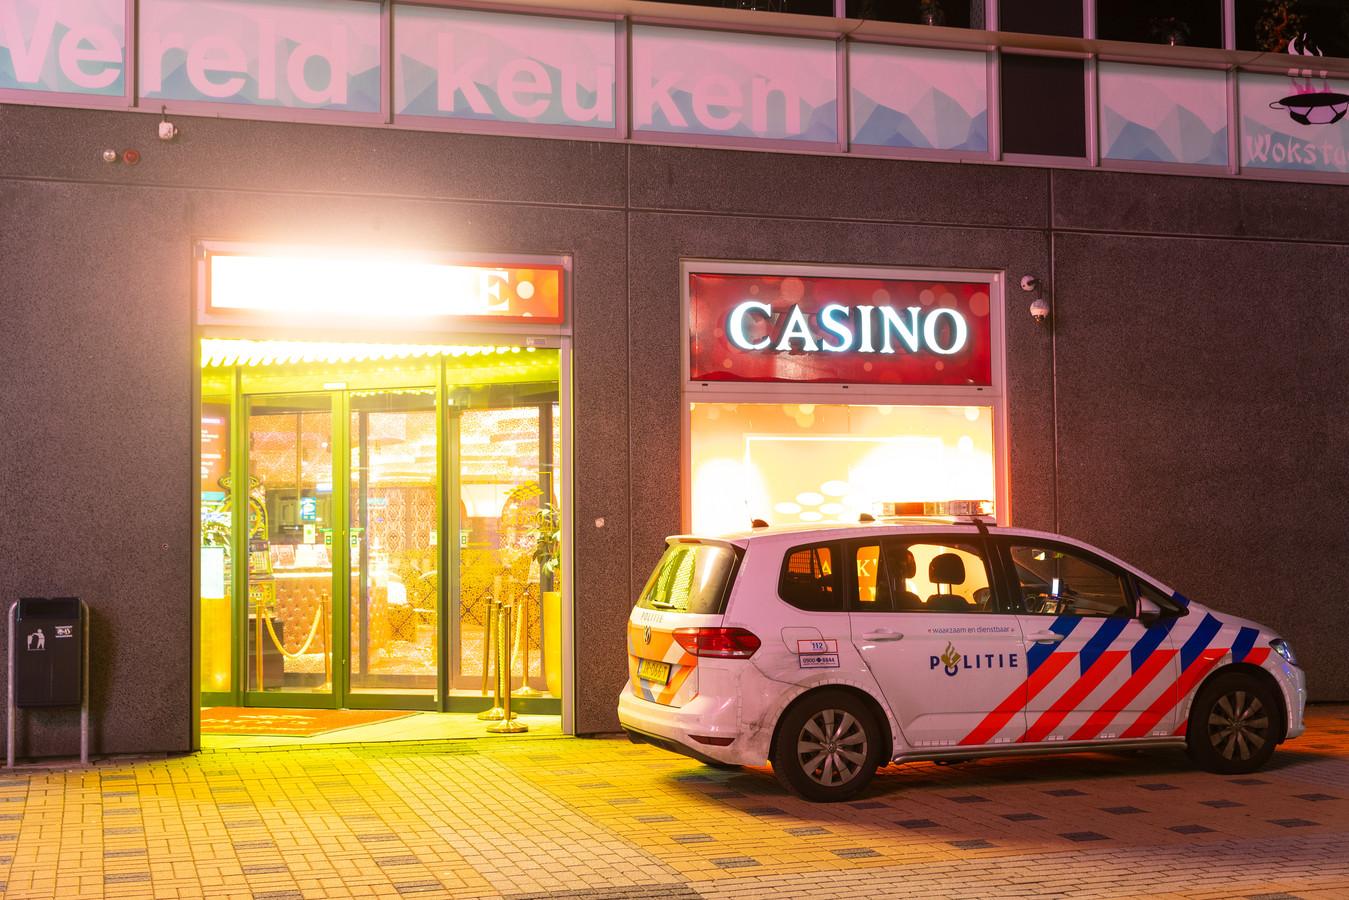 Bij Jack's Casino in Zwolle vond in maart 2019 een overval plaats